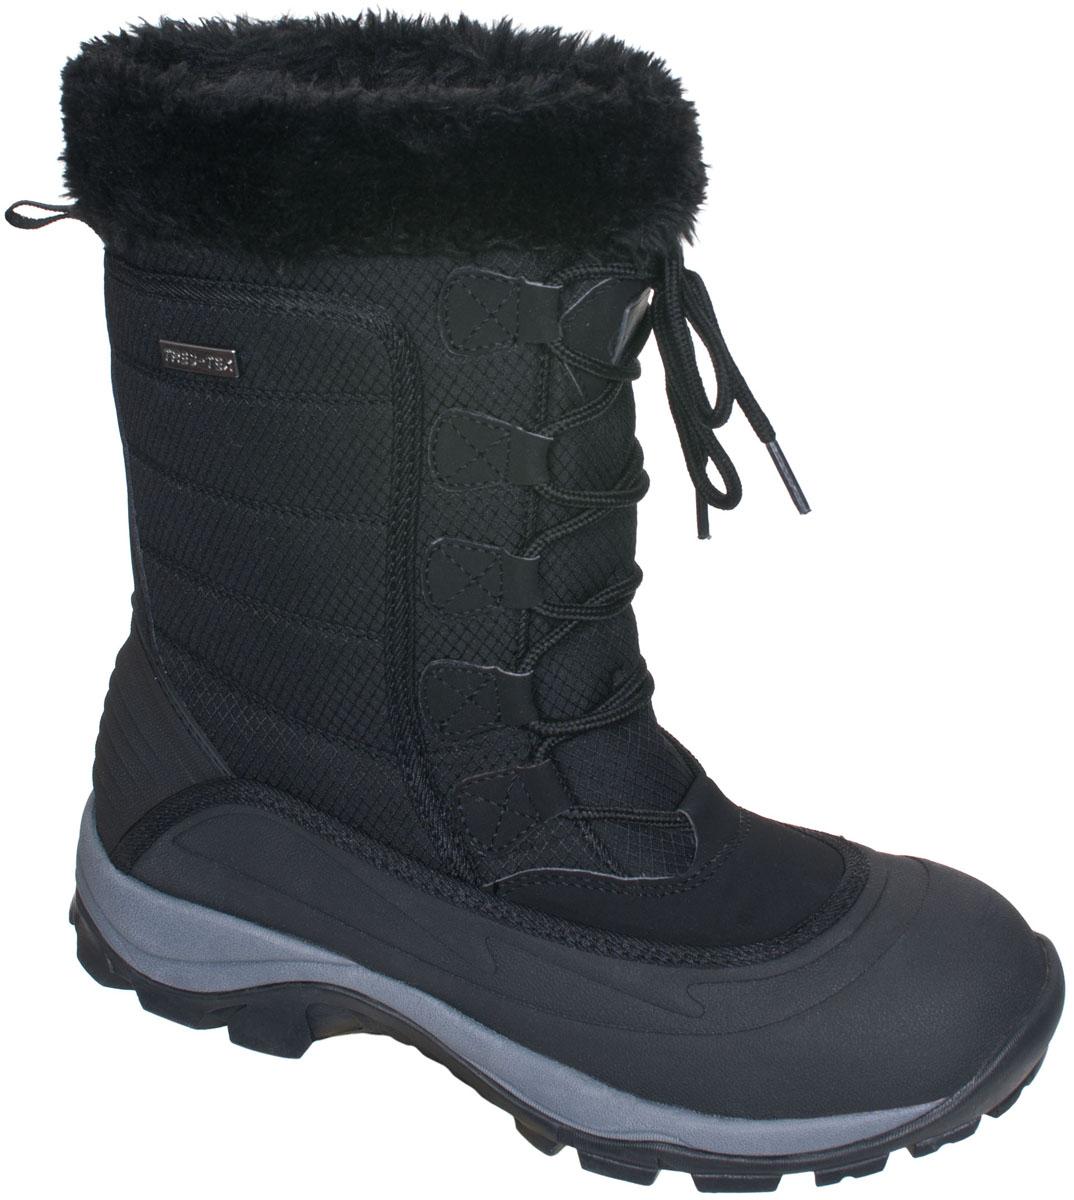 БотинкиFAFOBOJ20001Современные трекинговые женские ботинки Stalagmite от Trespass выполнены из текстильного водонепроницаемого материала и резины. Верхняя часть голенища оформлена меховой оторочкой. Специальное покрытие эффективно обеспечивает сухость и комфорт вашим ногам. Подкладка и стелька из текстиля комфортны при движении. Шнуровка надежно зафиксирует модель на ноге. Подошва дополнена рифлением.